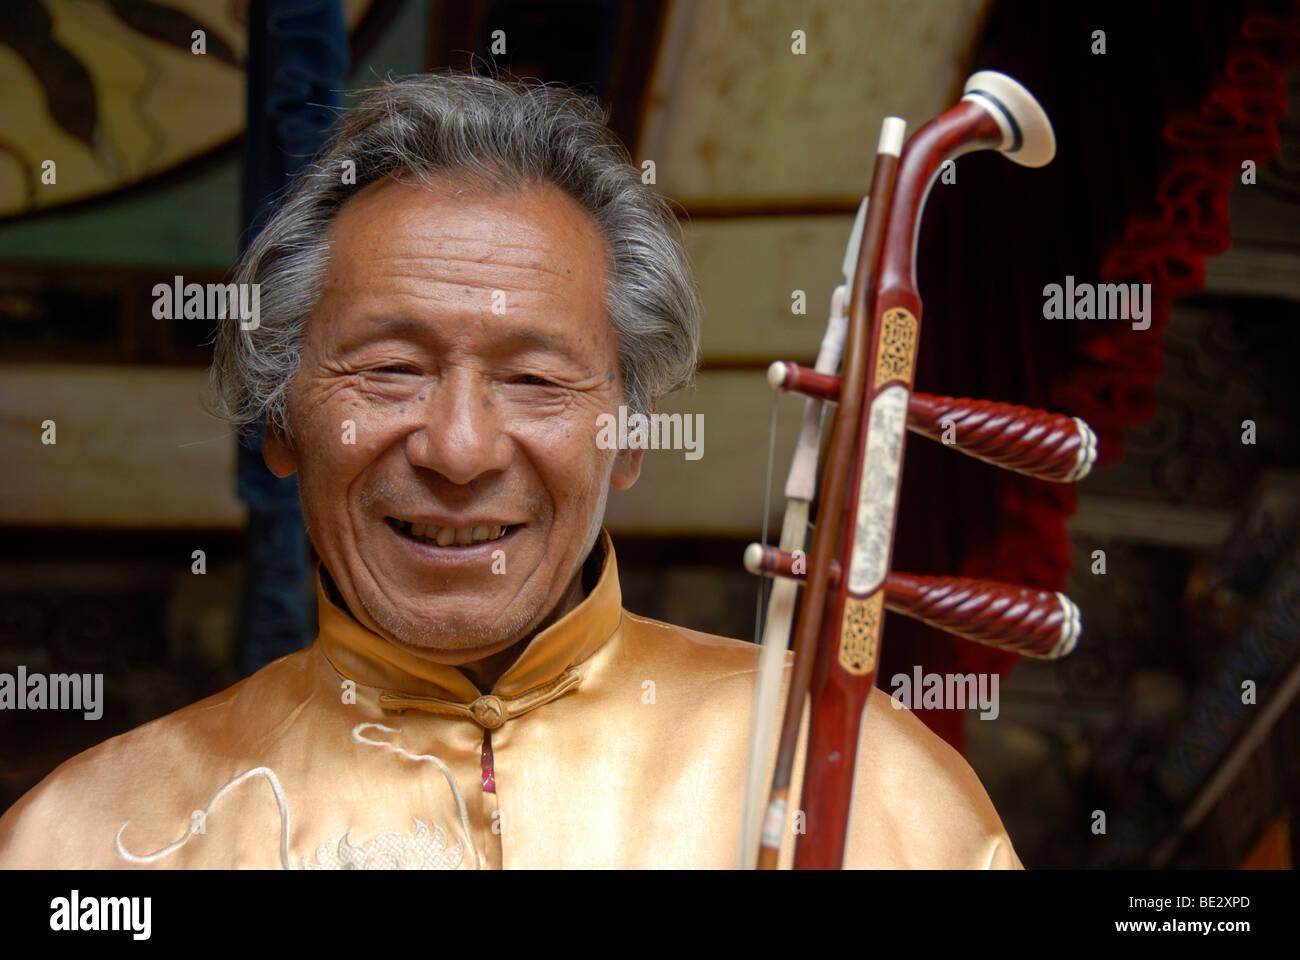 Retrato, músico, Nakhi Naxi sonriente, el hombre con el instrumento de cuerda, Lijiang, Sitio del Patrimonio Mundial de la UNESCO, en la provincia de Yunnan, Peopl Foto de stock